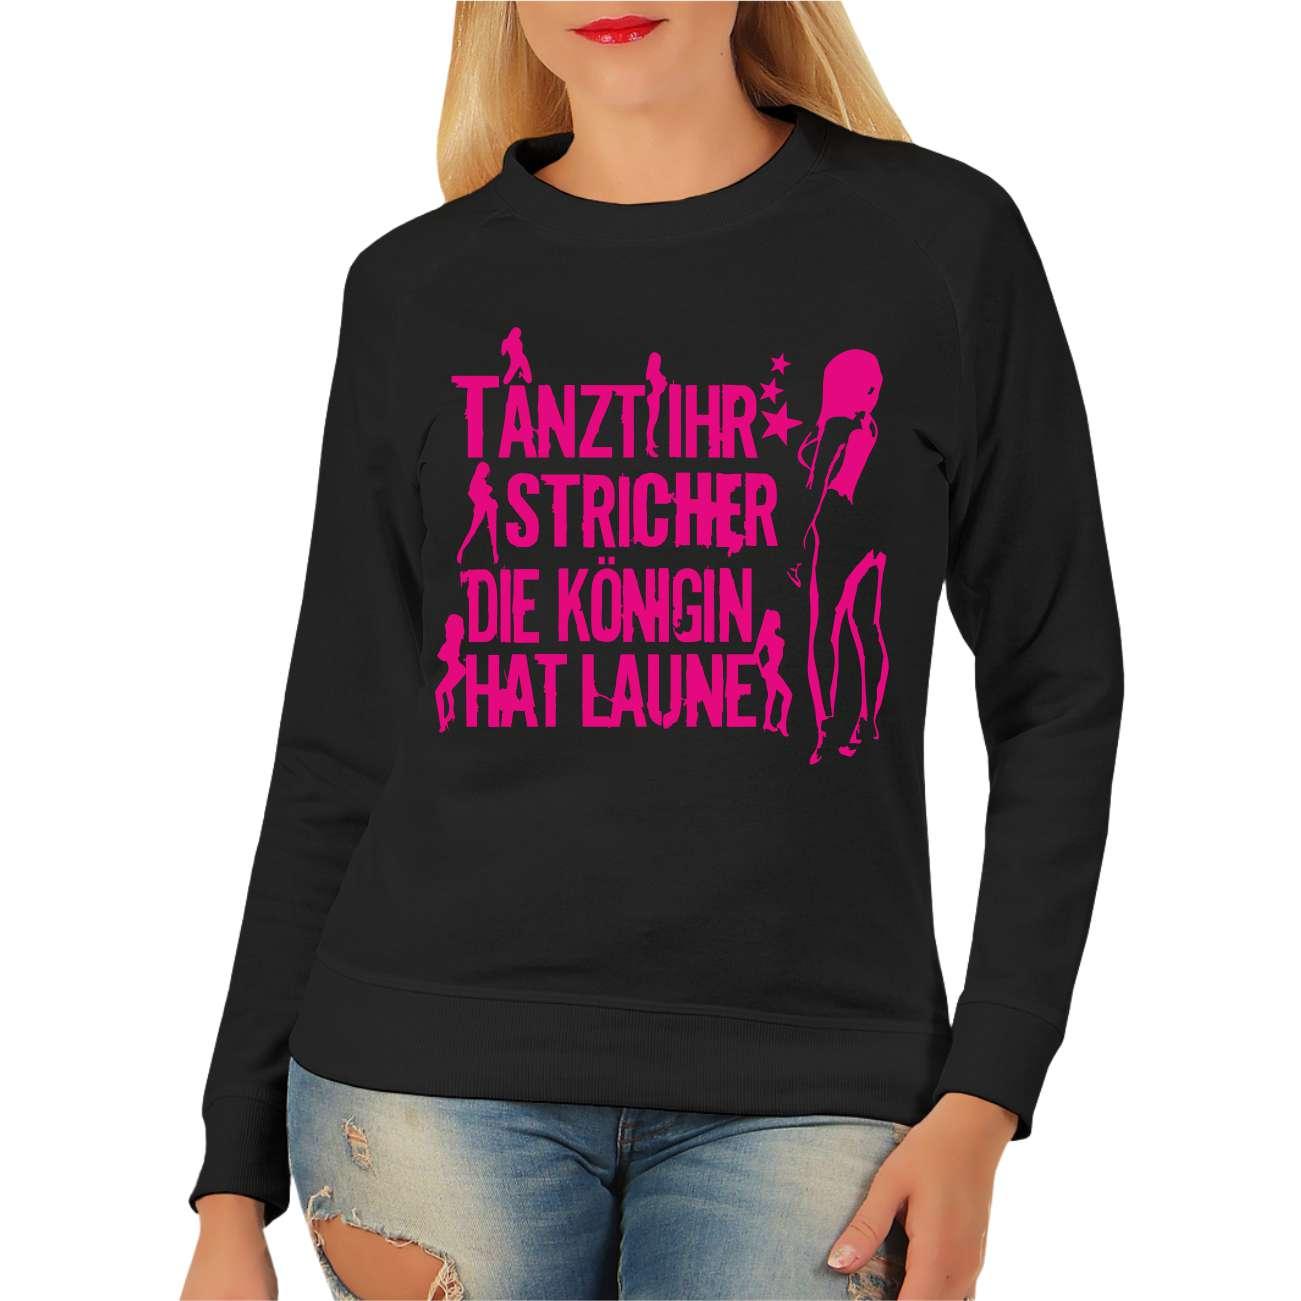 abed0cc314c9 Frauen Sweatshirt Tanzt ihr Stricher PINK 001